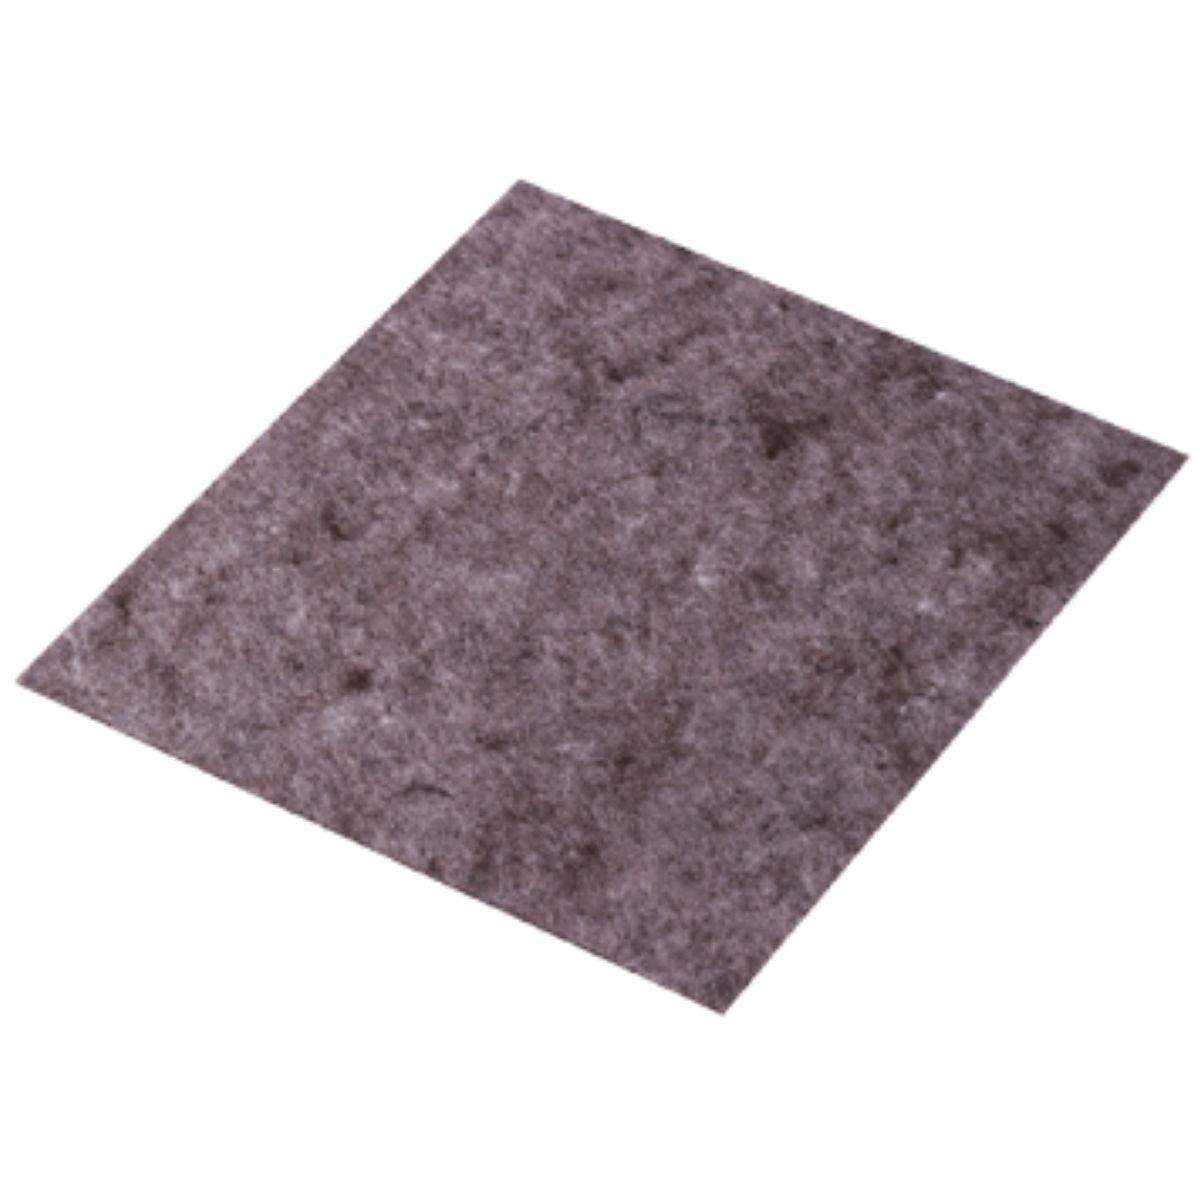 Curativo de Alginato de Cálcio com Prata SilverCare VitaMedical 10x10